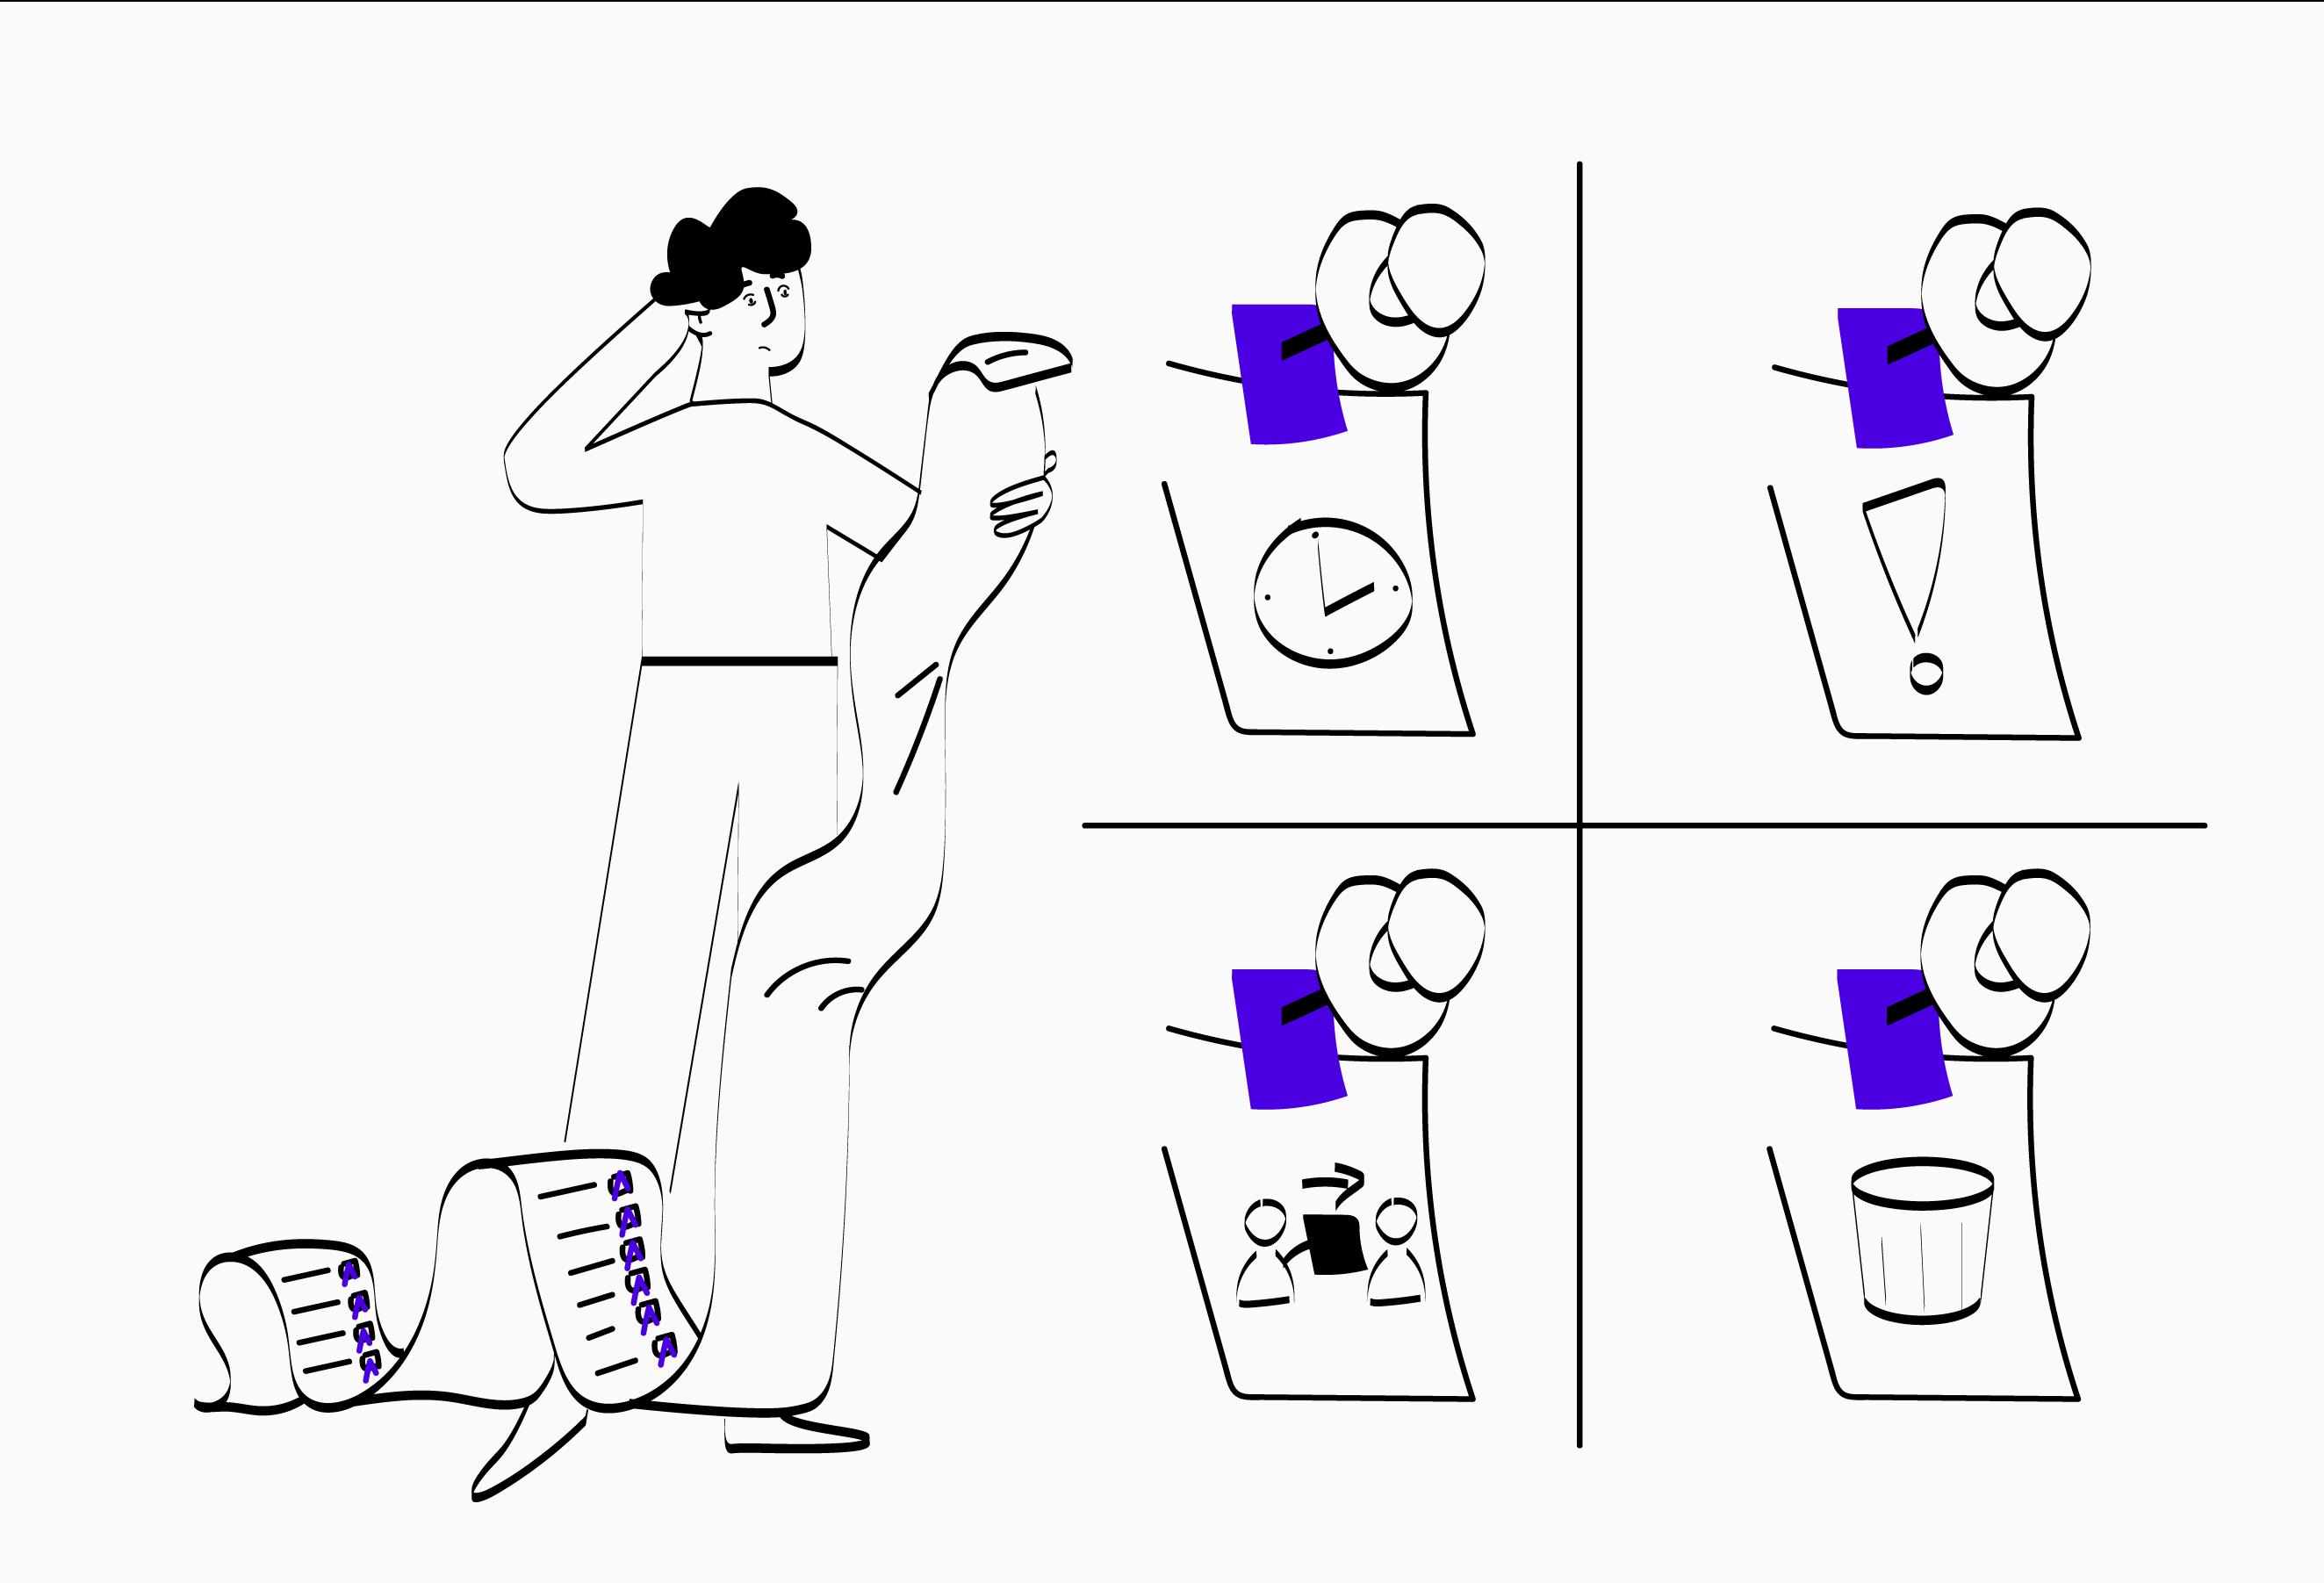 28. Model Kano i matritsa Ejzenhauera - Модель Кано и матрица Эйзенхауэра – методы в менеджменте, помогающие выявить потребительские предпочтения и организовать дела